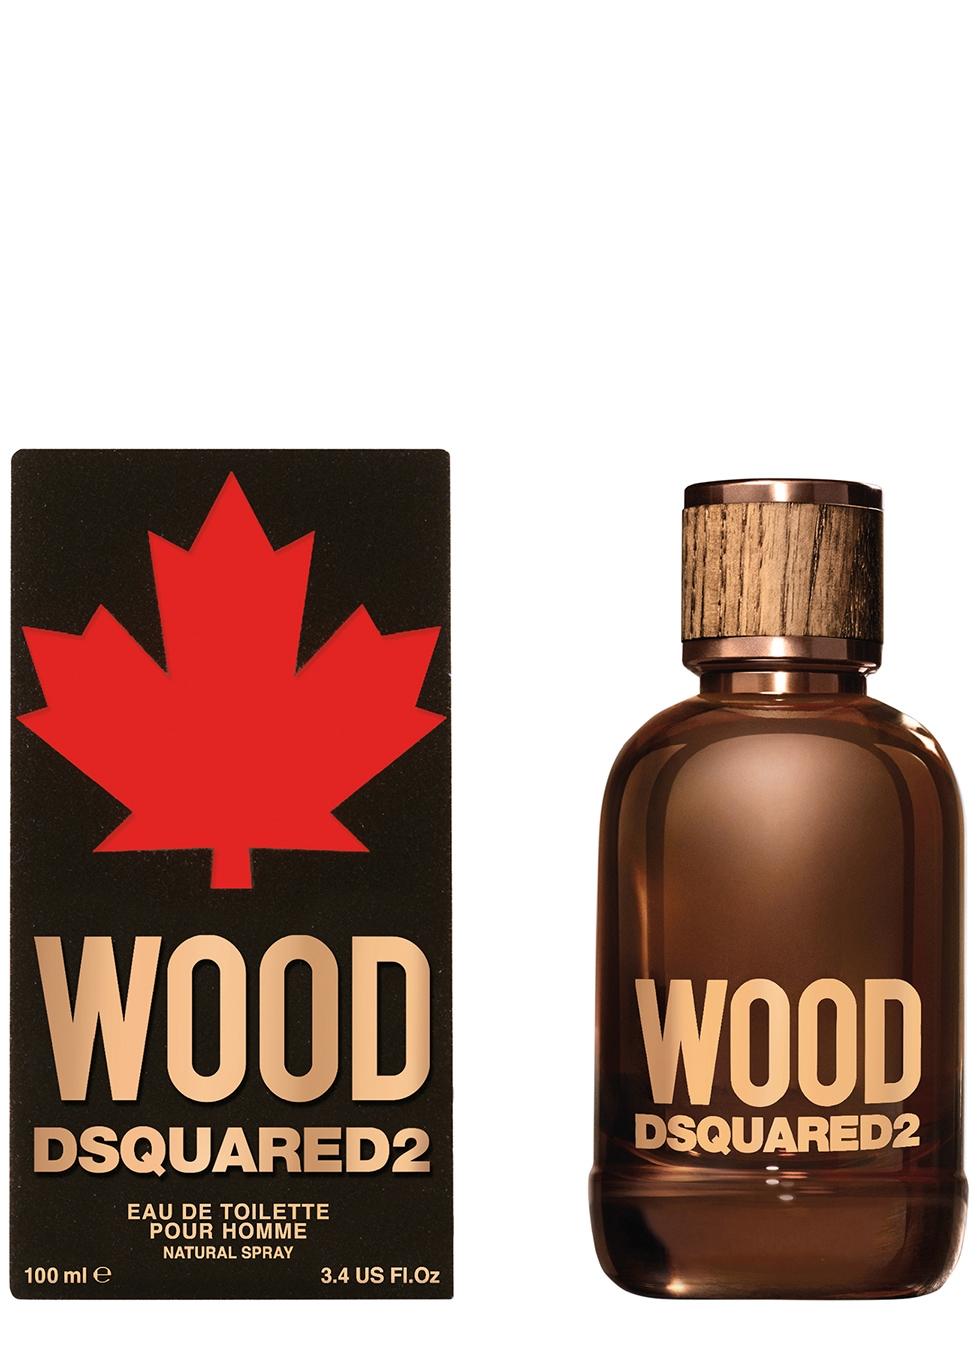 Wood Pour Homme Eau De Toilette 100ml - Dsquared2